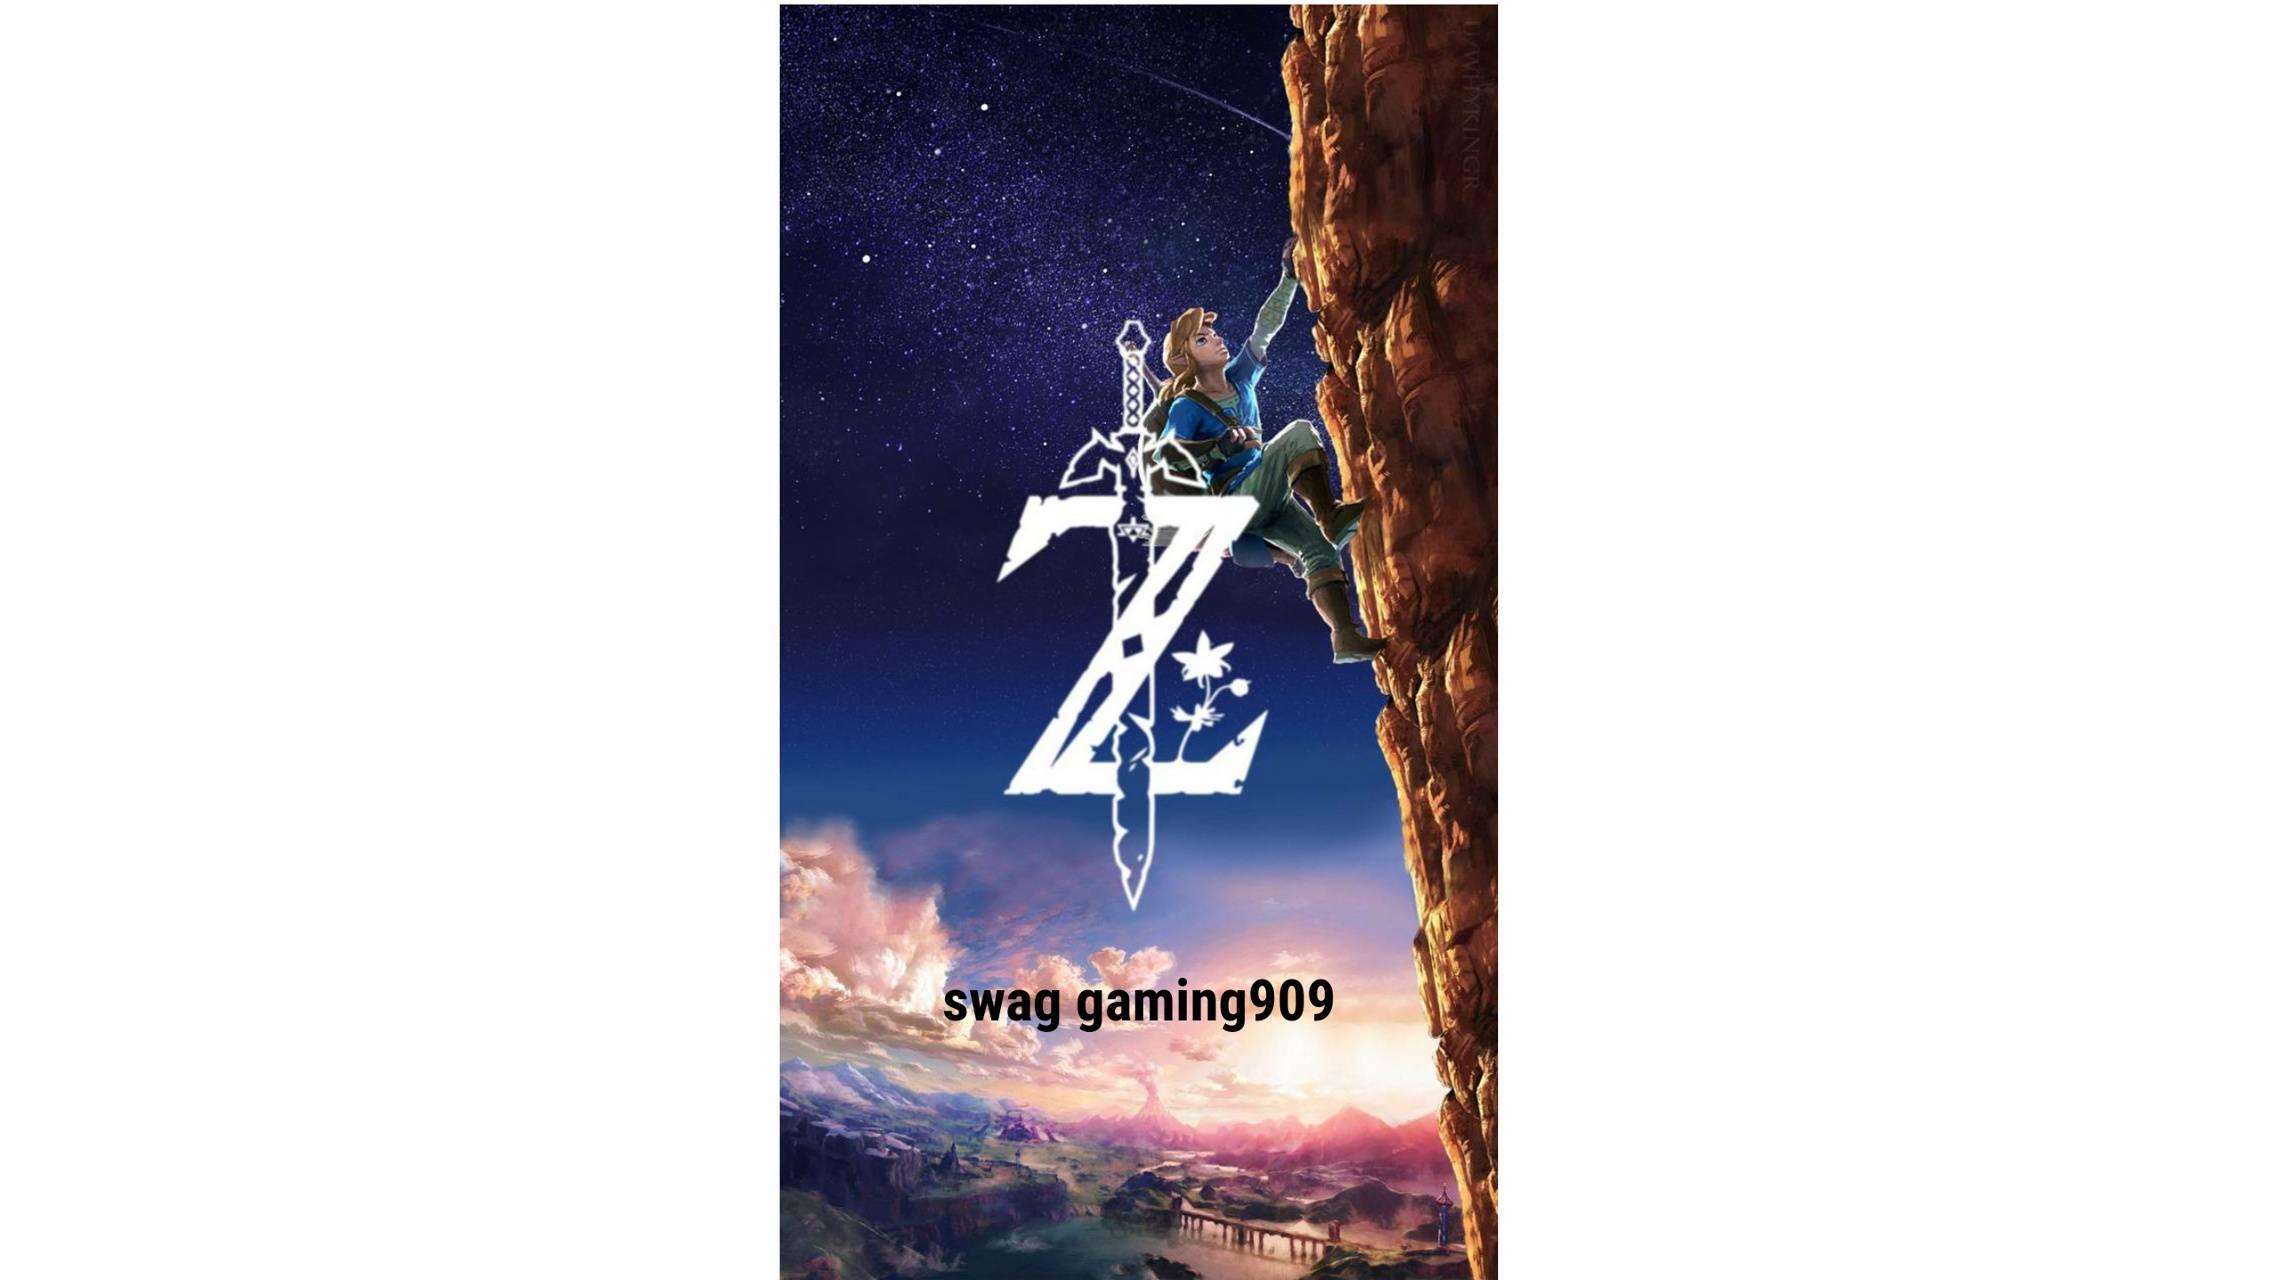 swag gaming909